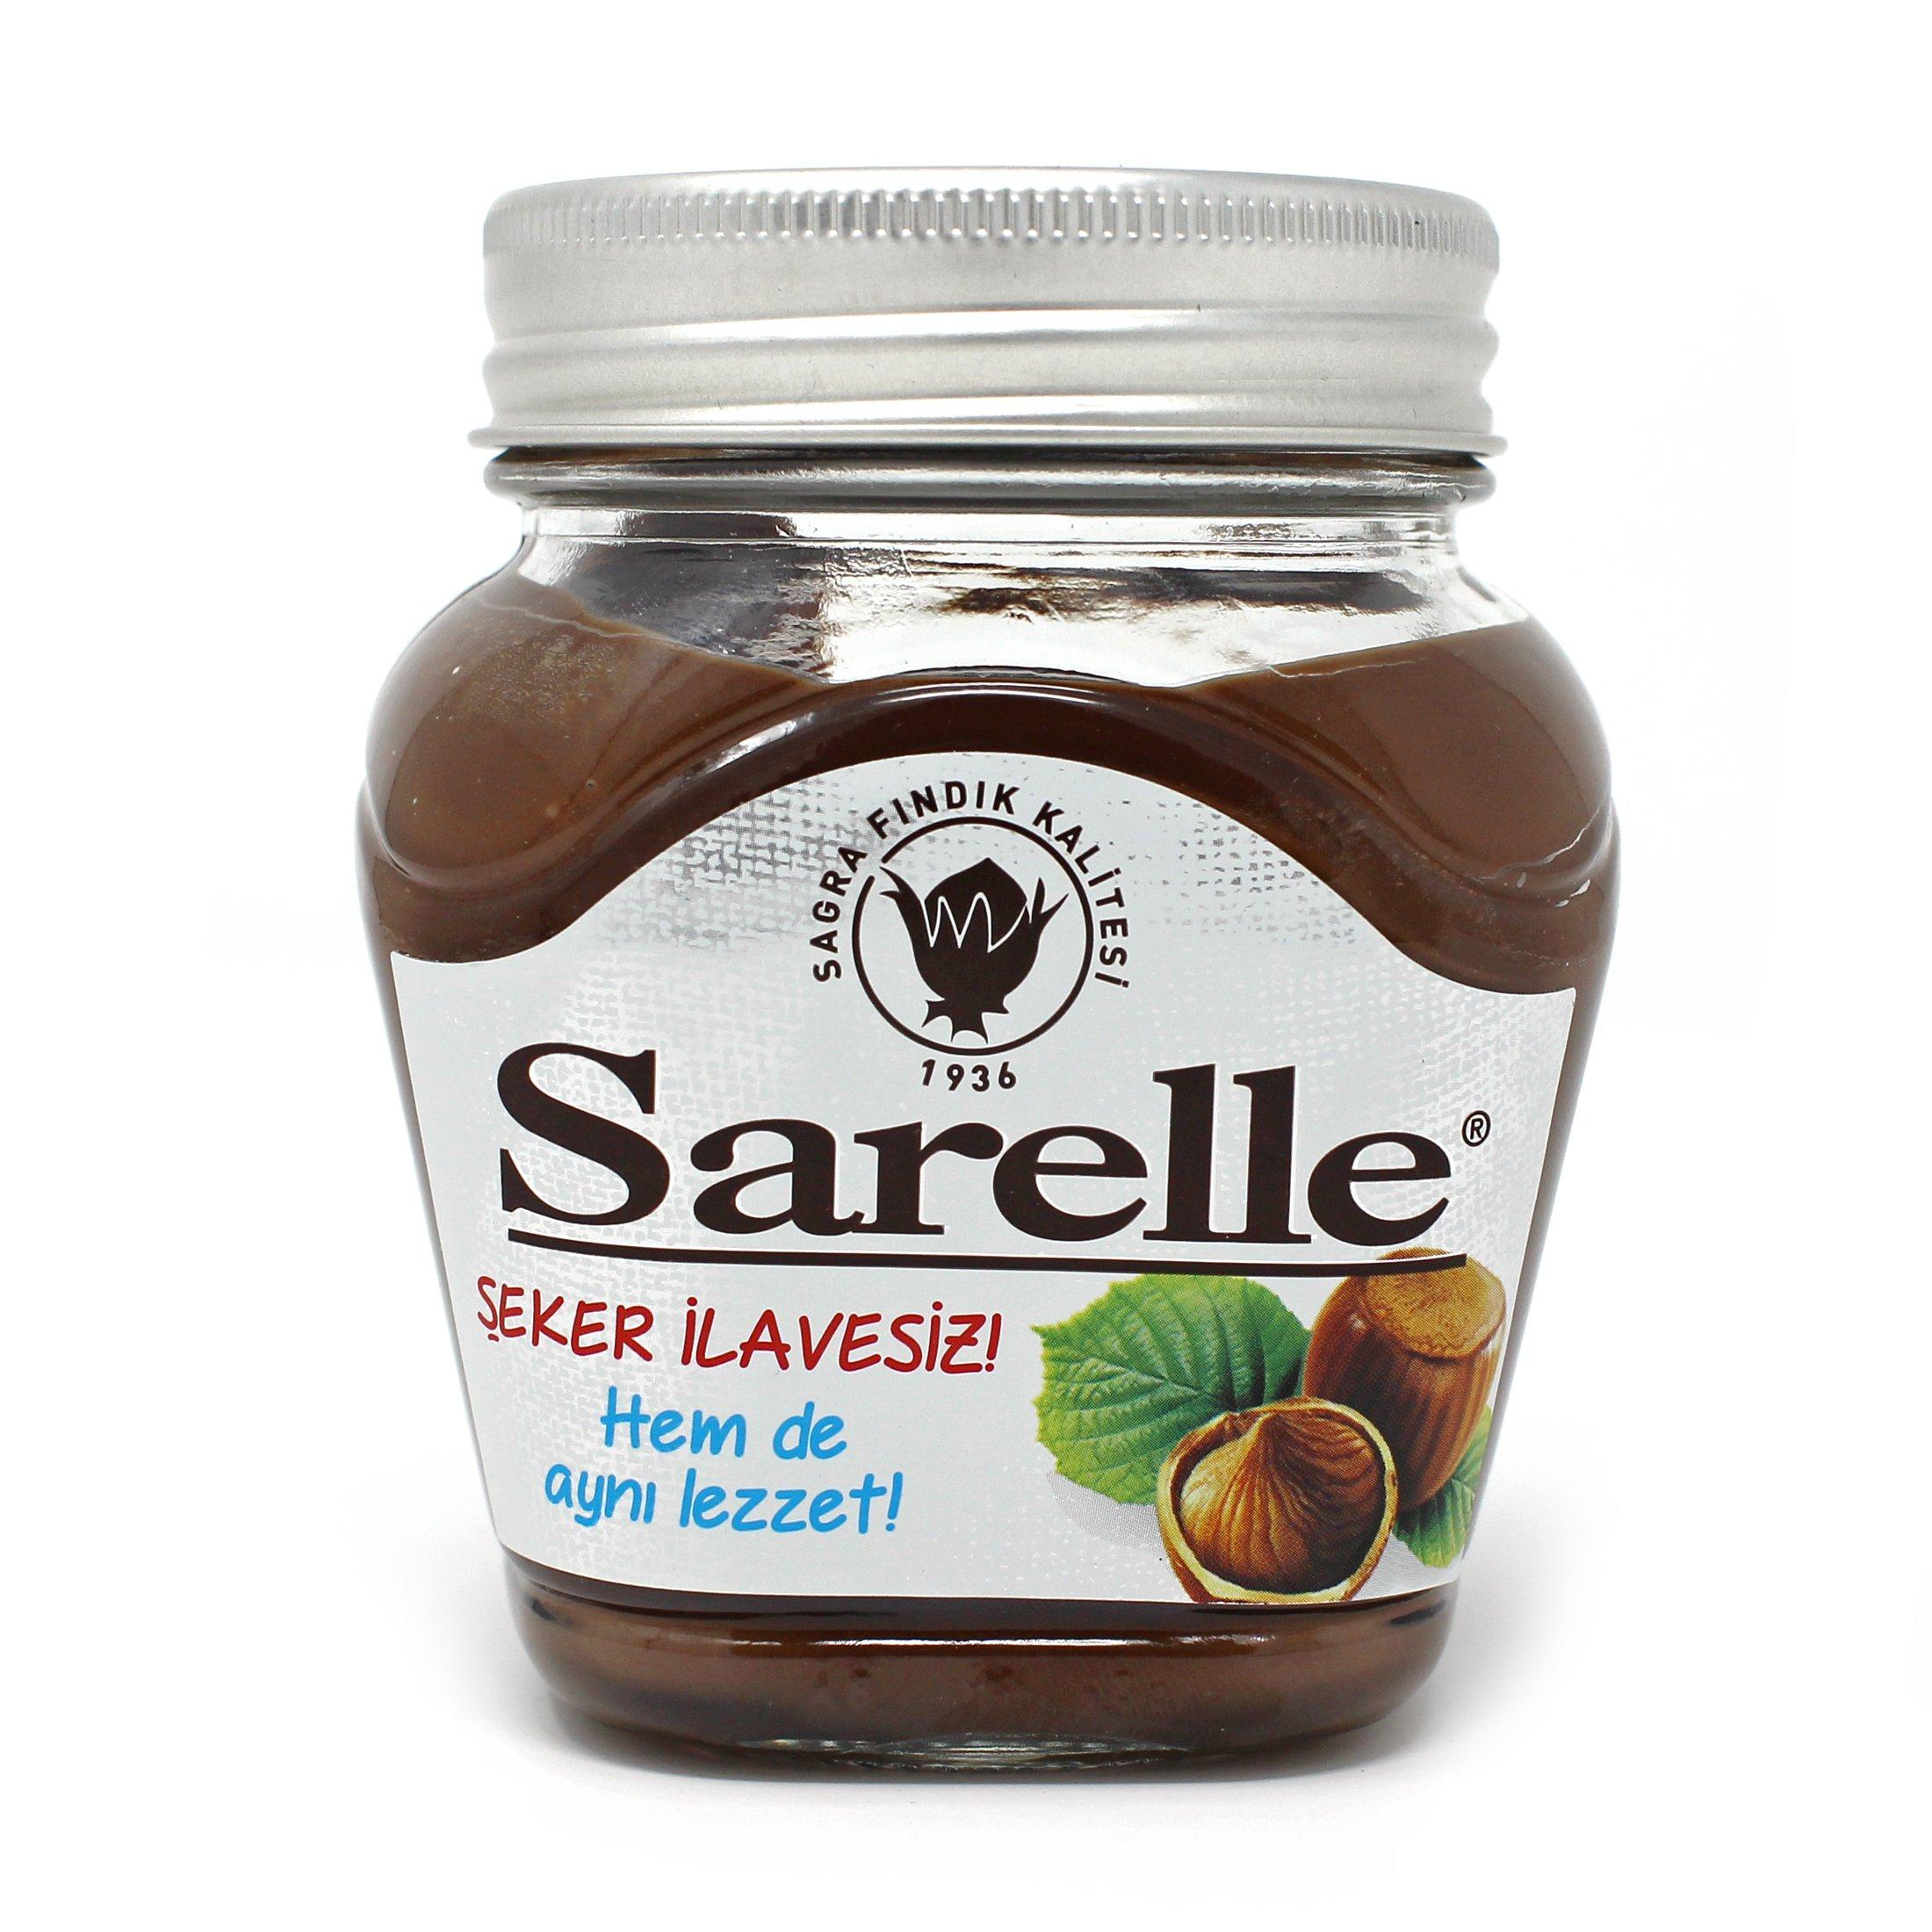 Sarelle Chocolate and Hazelnut Spreads (Turkish) (Chocolate w Hazelnut SUGAR FREE, 350 Gr / 12.3 Oz)